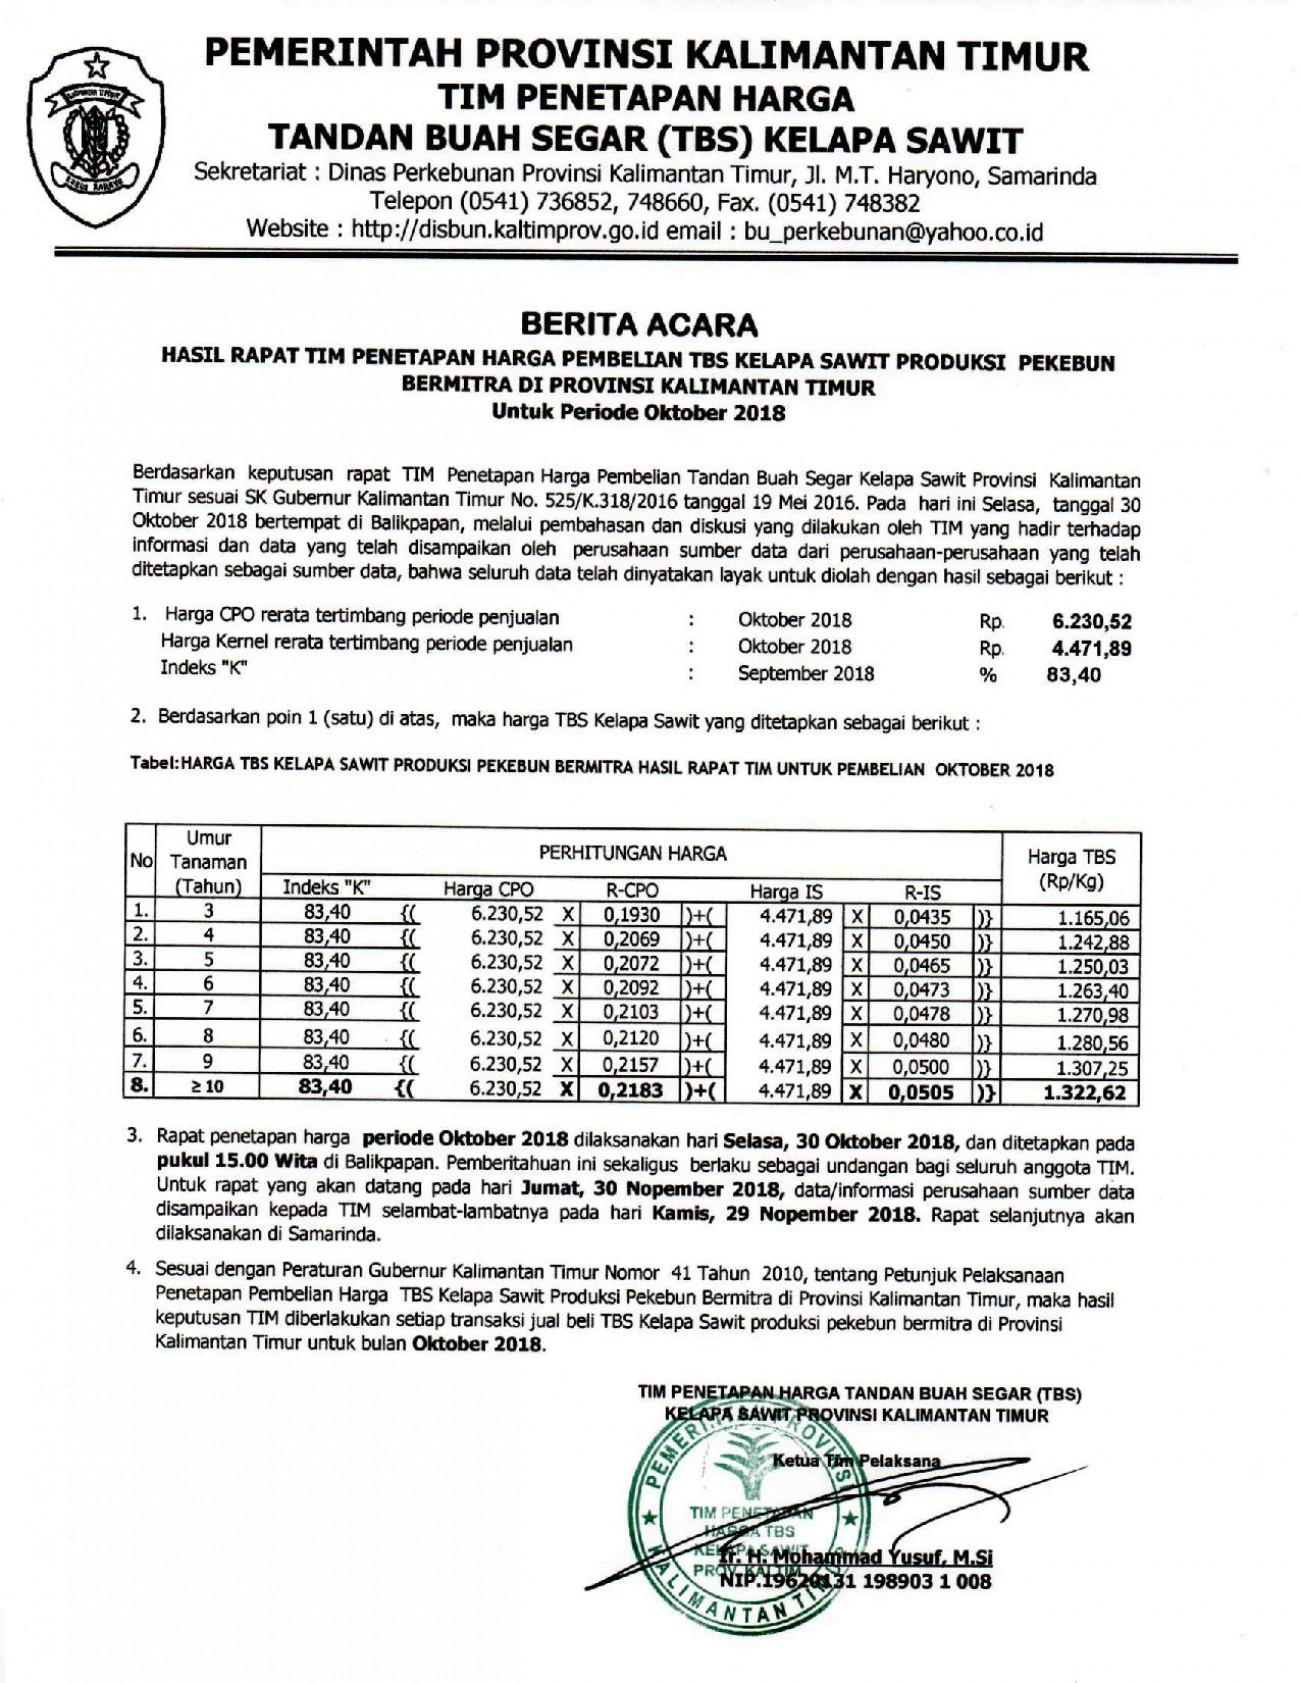 Informasi Harga TBS Kelapa Sawit Bulan Oktober 2018